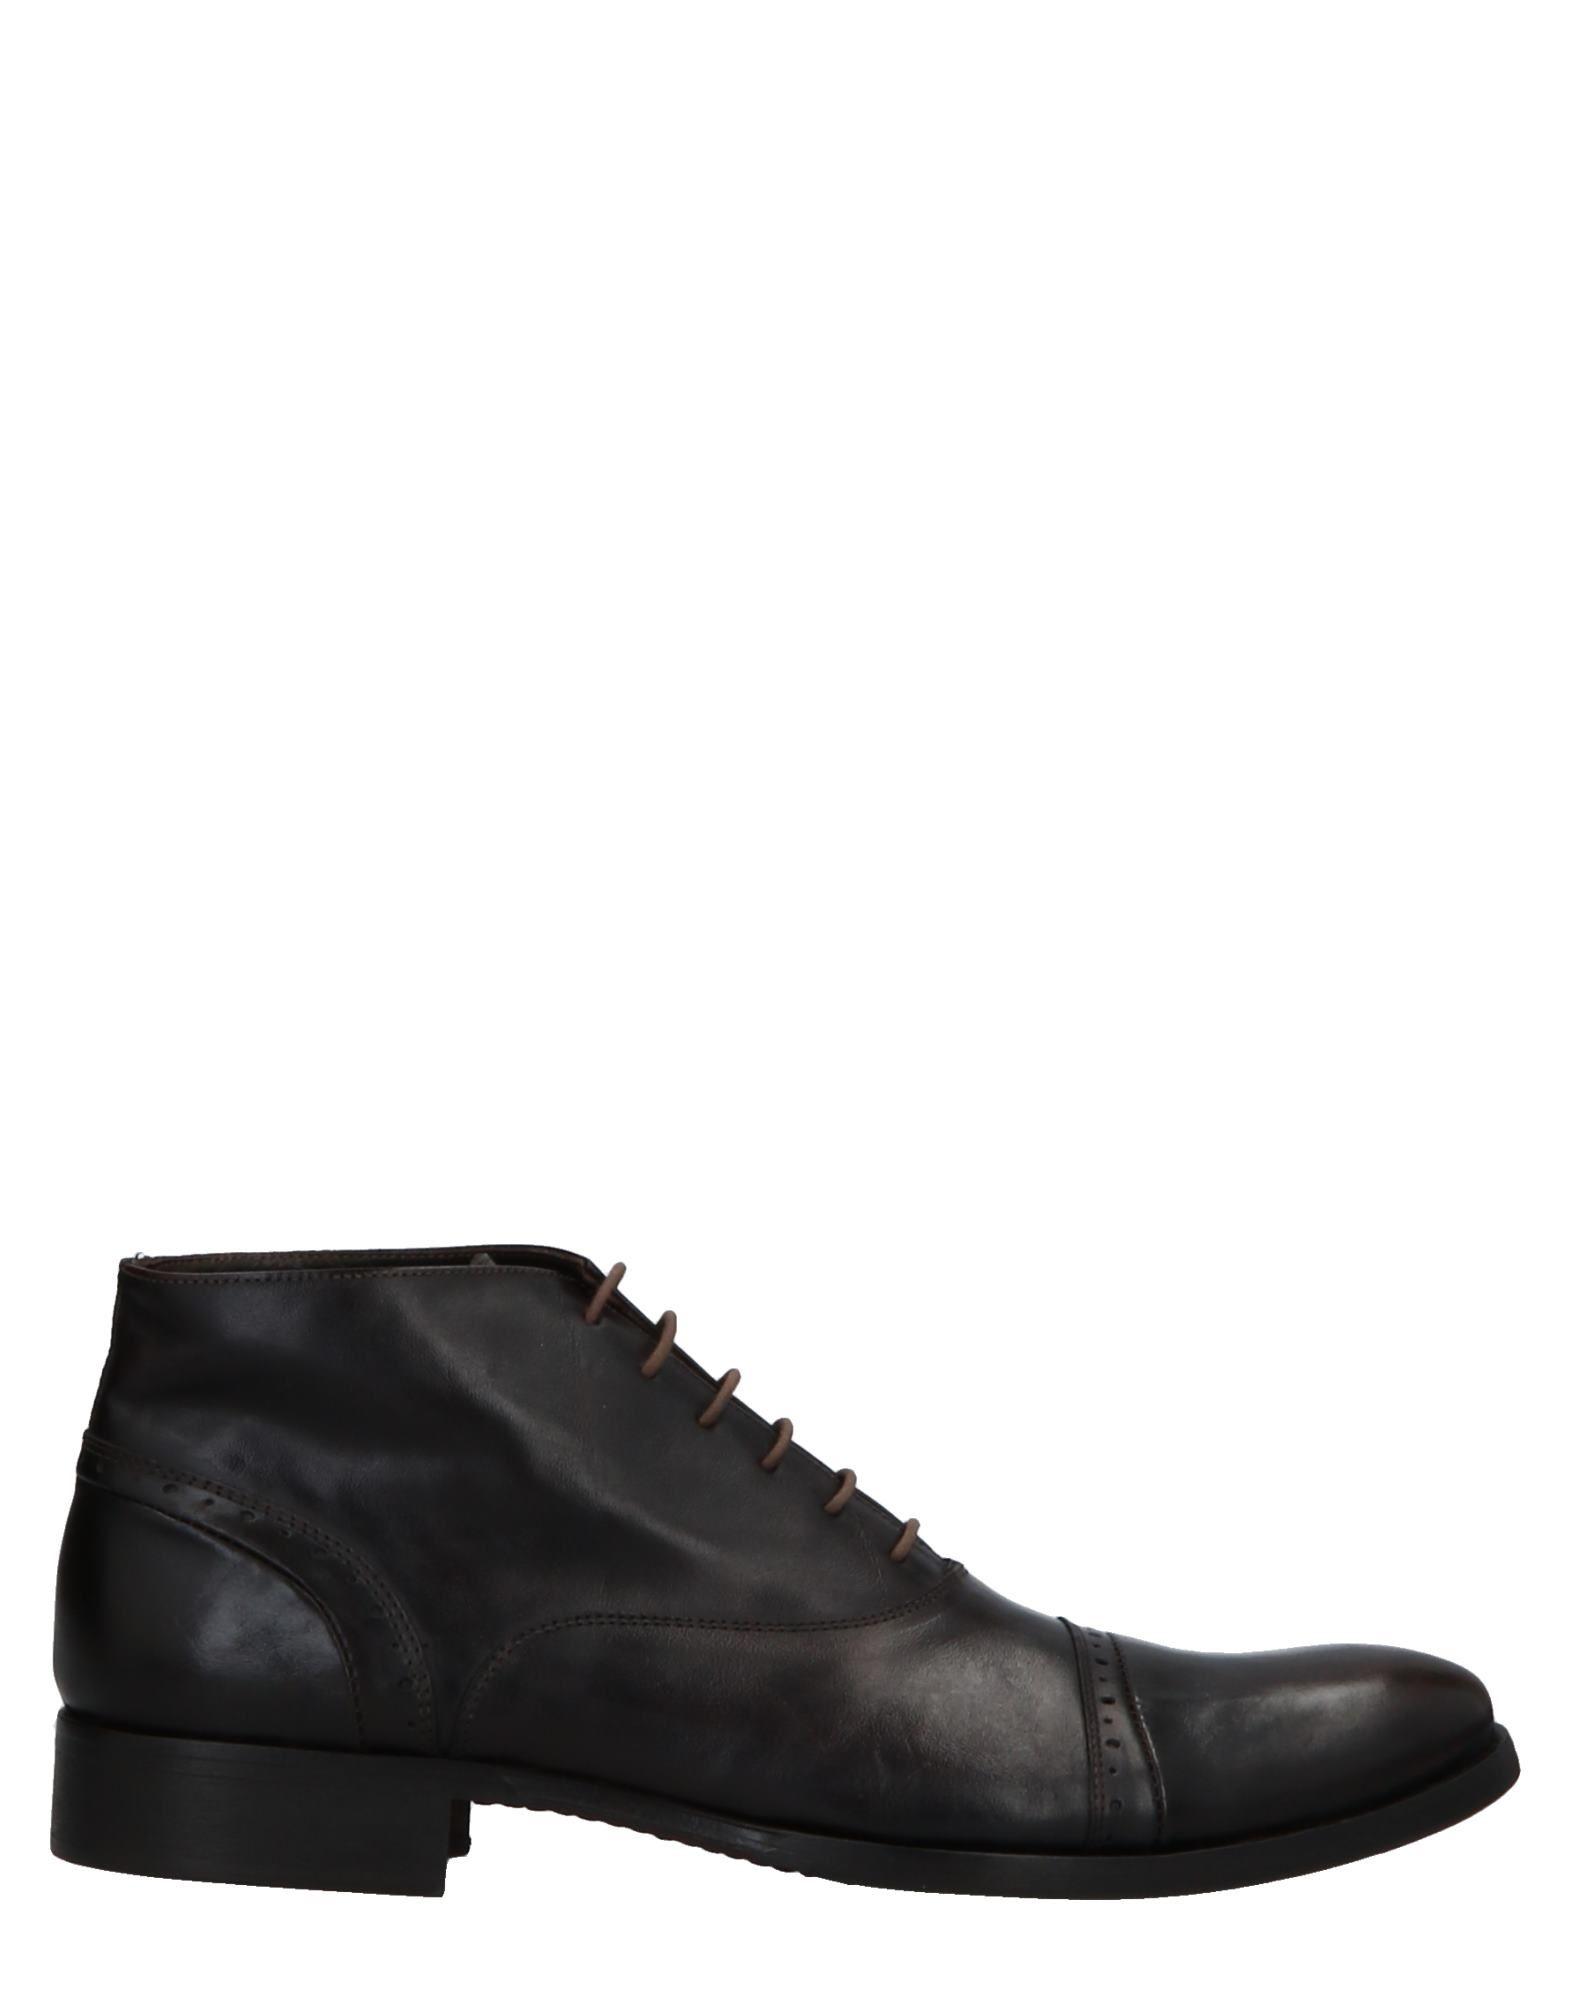 Rabatt echte Schuhe Keep Stiefelette Herren  11519997VE